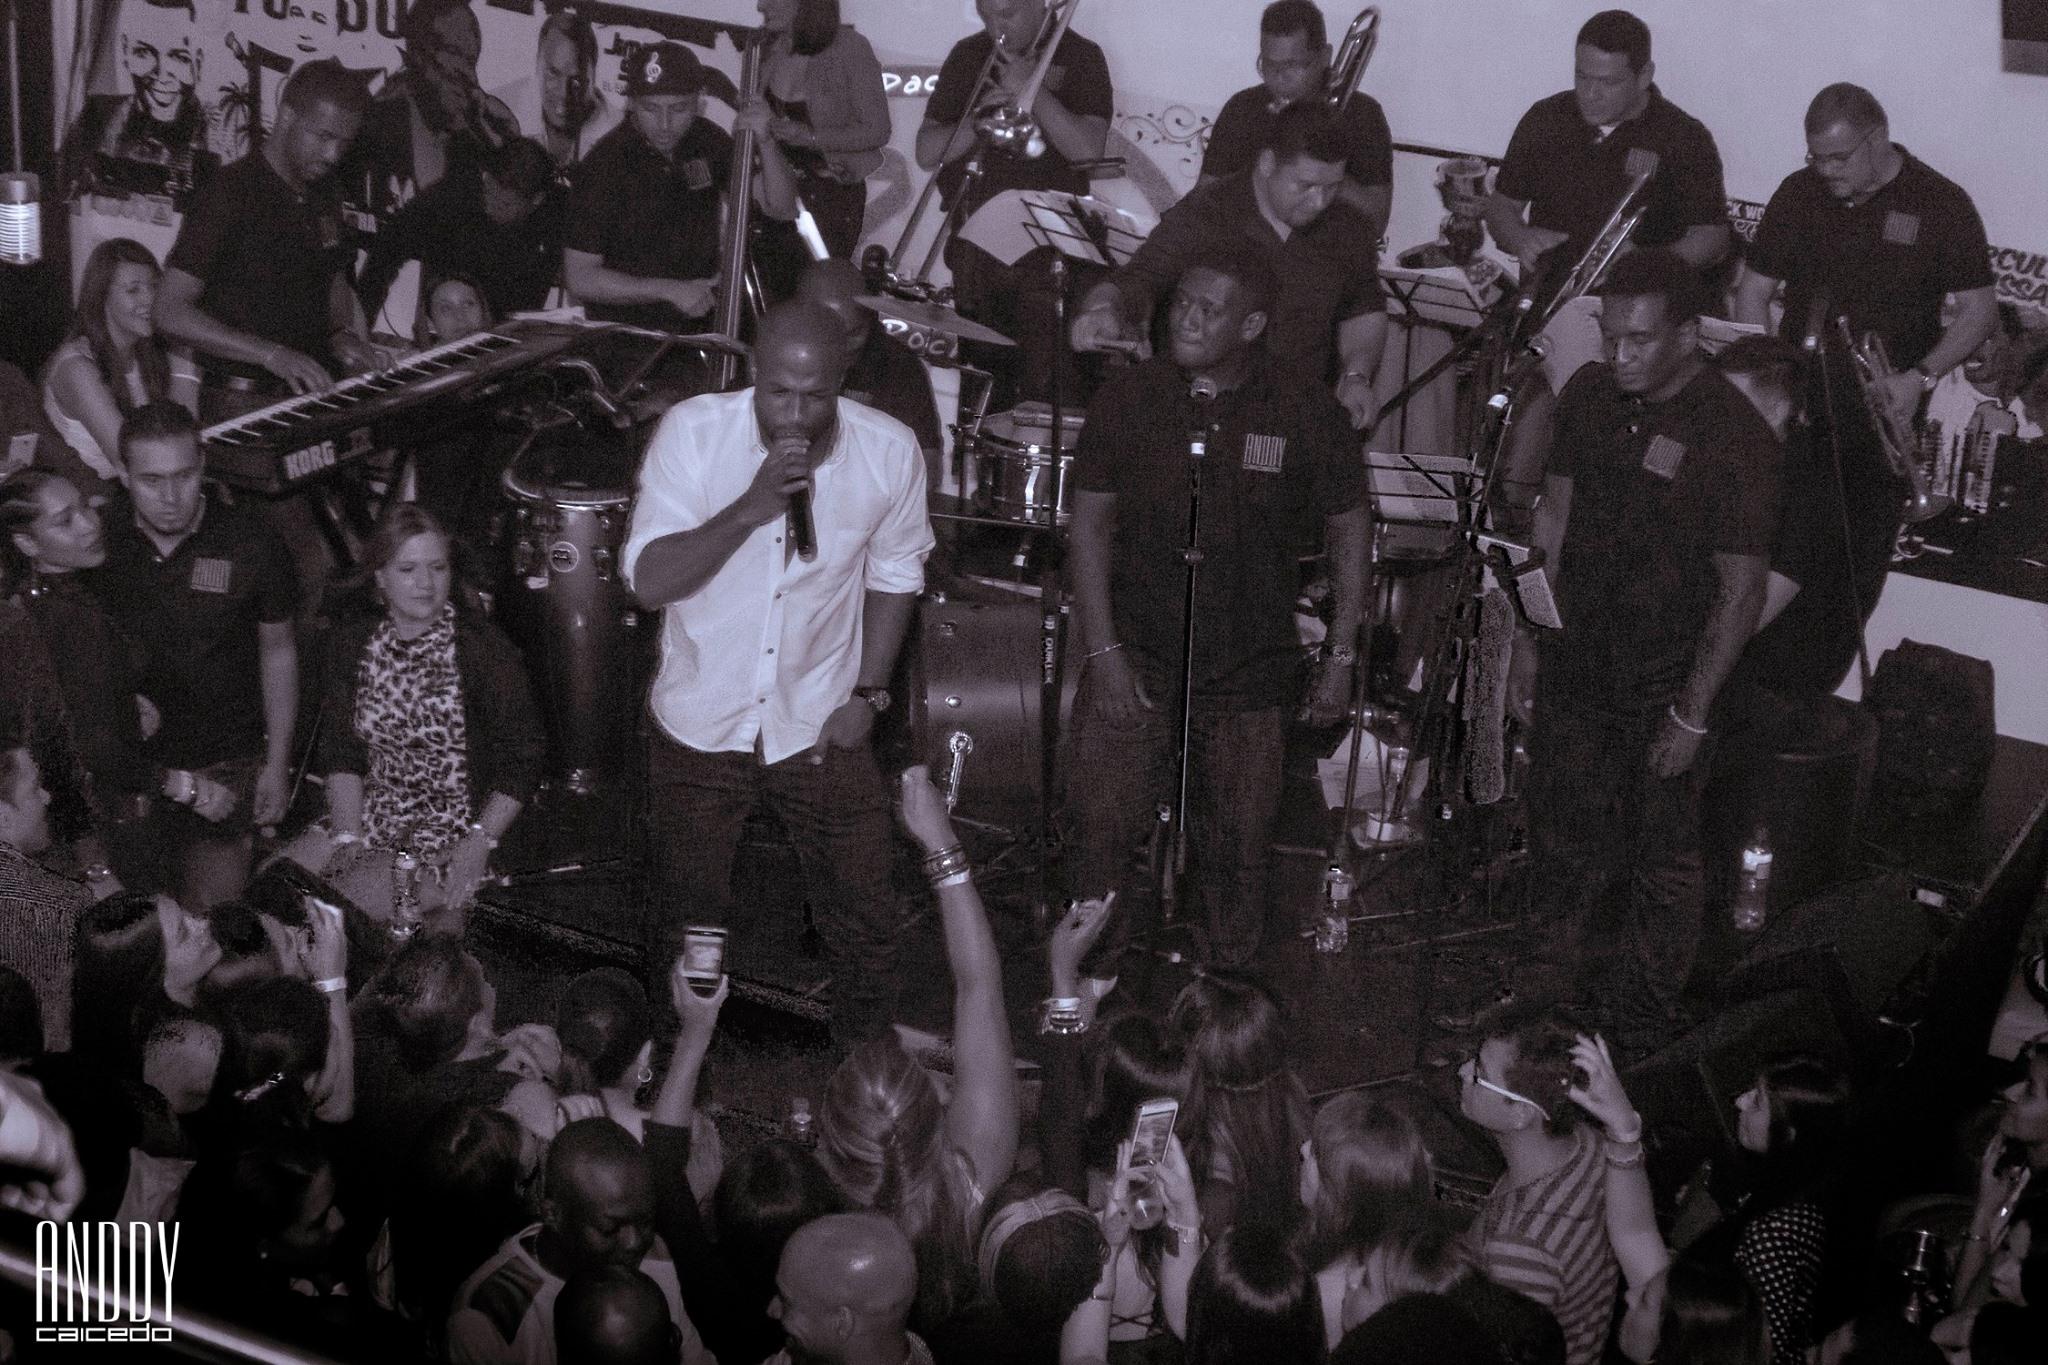 Anddy Caicedo orquesta salsera Bogotá